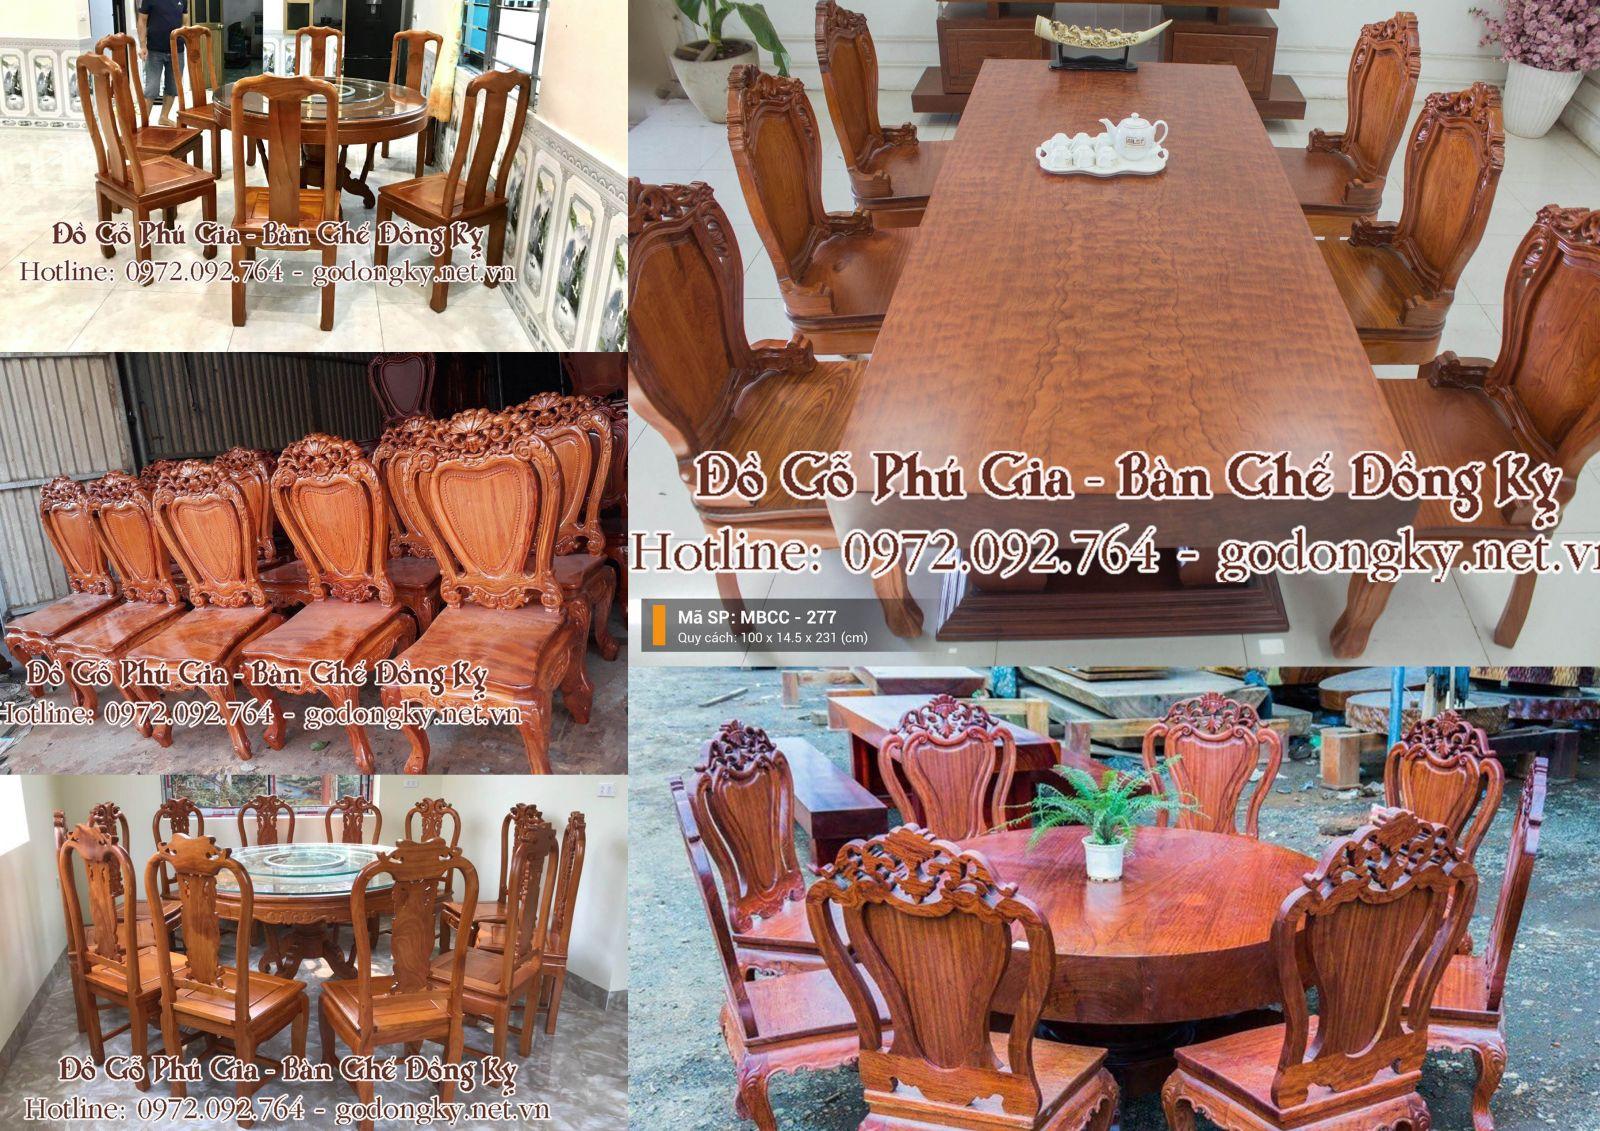 Bàn ghế ăn đồ gỗ đồng kỵ